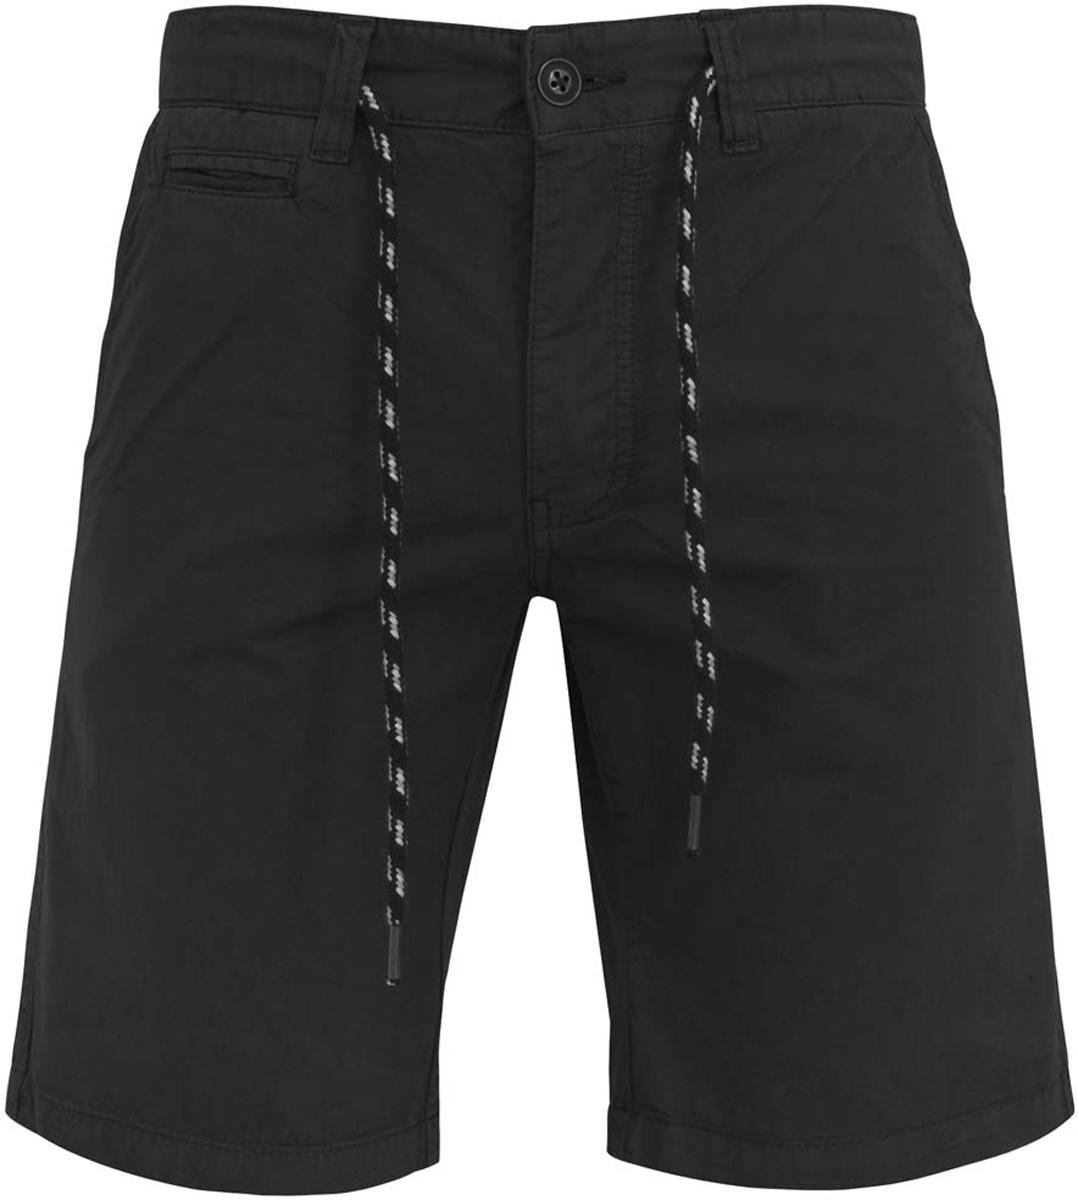 Шорты мужcкие oodji Basic, цвет: черный джинс. 2B710004M/39765N/2900W. Размер 36-182 (44-182)2B710004M/39765N/2900WСтильные мужские шорты oodji Basic изготовлены из хлопка. Модель застегивается на пуговицу и ширинку на застежке-молнии, имеются затягивающийся шнурок и шлевки для ремня. Спереди шорты дополнены двумя втачными карманами и одним маленьким прорезным кармашком, сзади - двумя прорезными карманами с пуговицами.